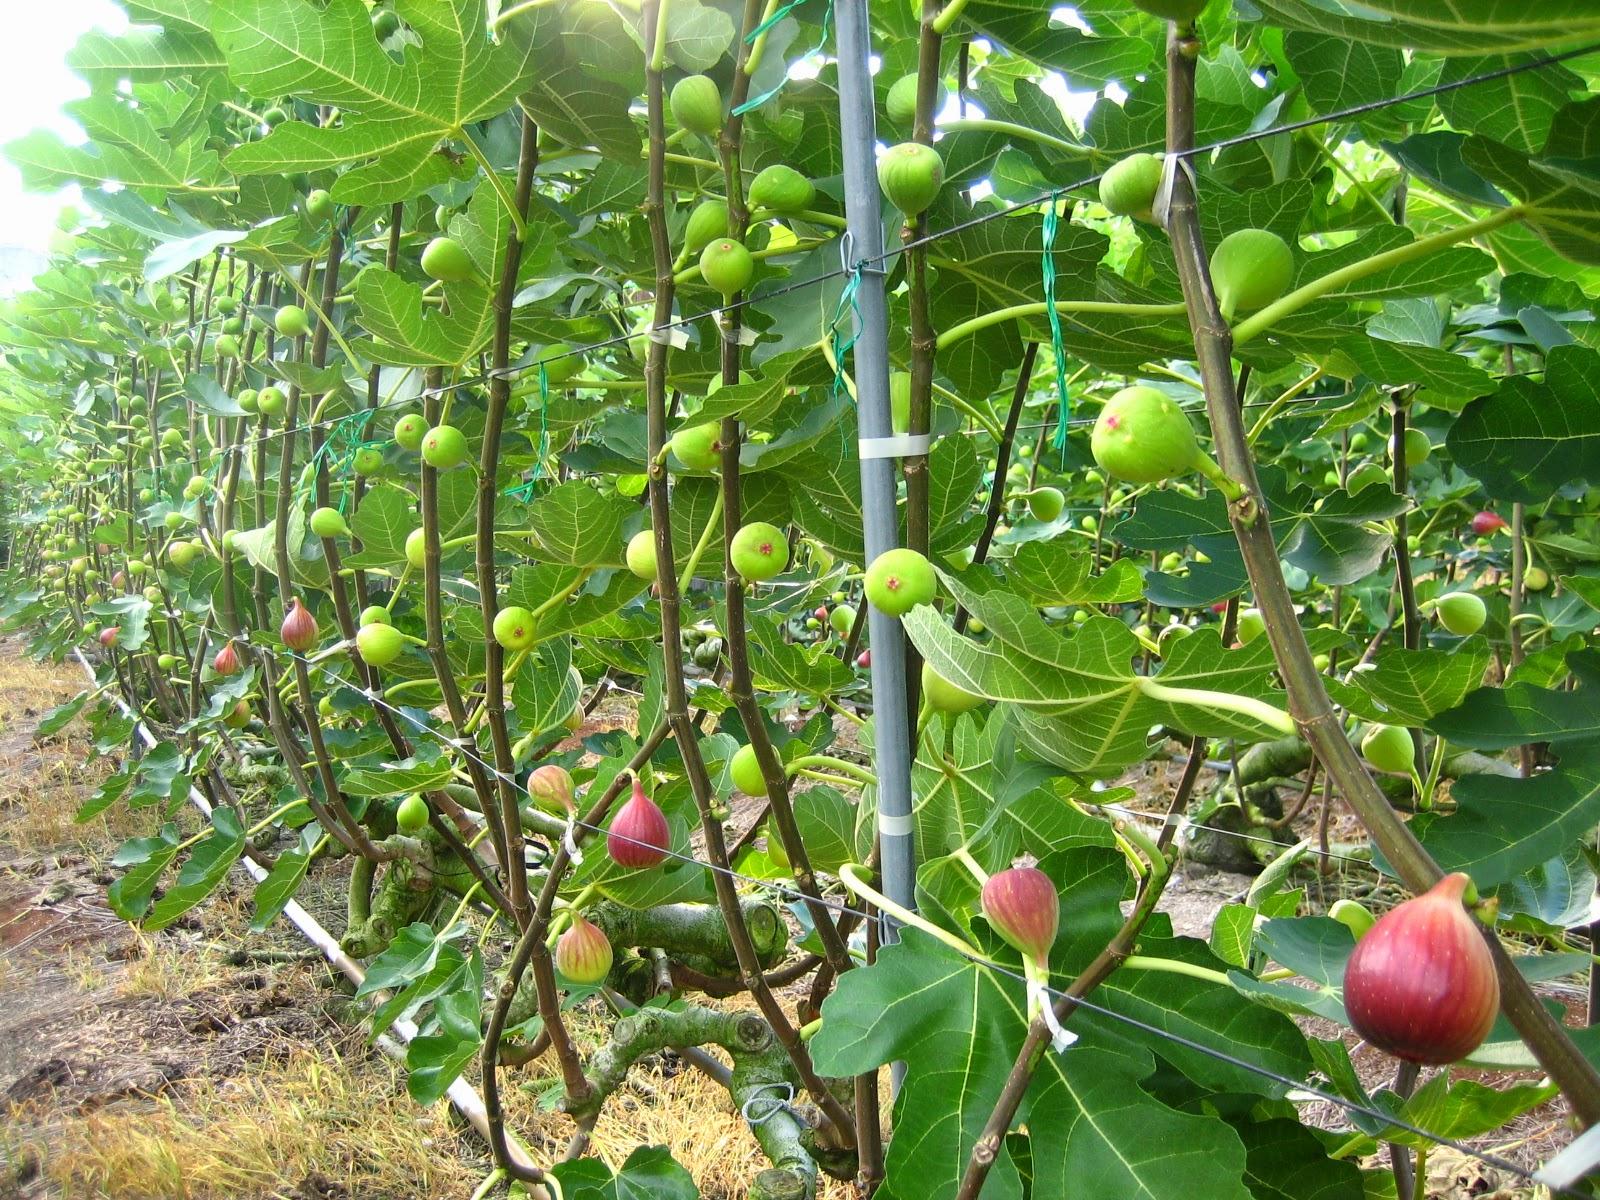 Japan Figs farmer